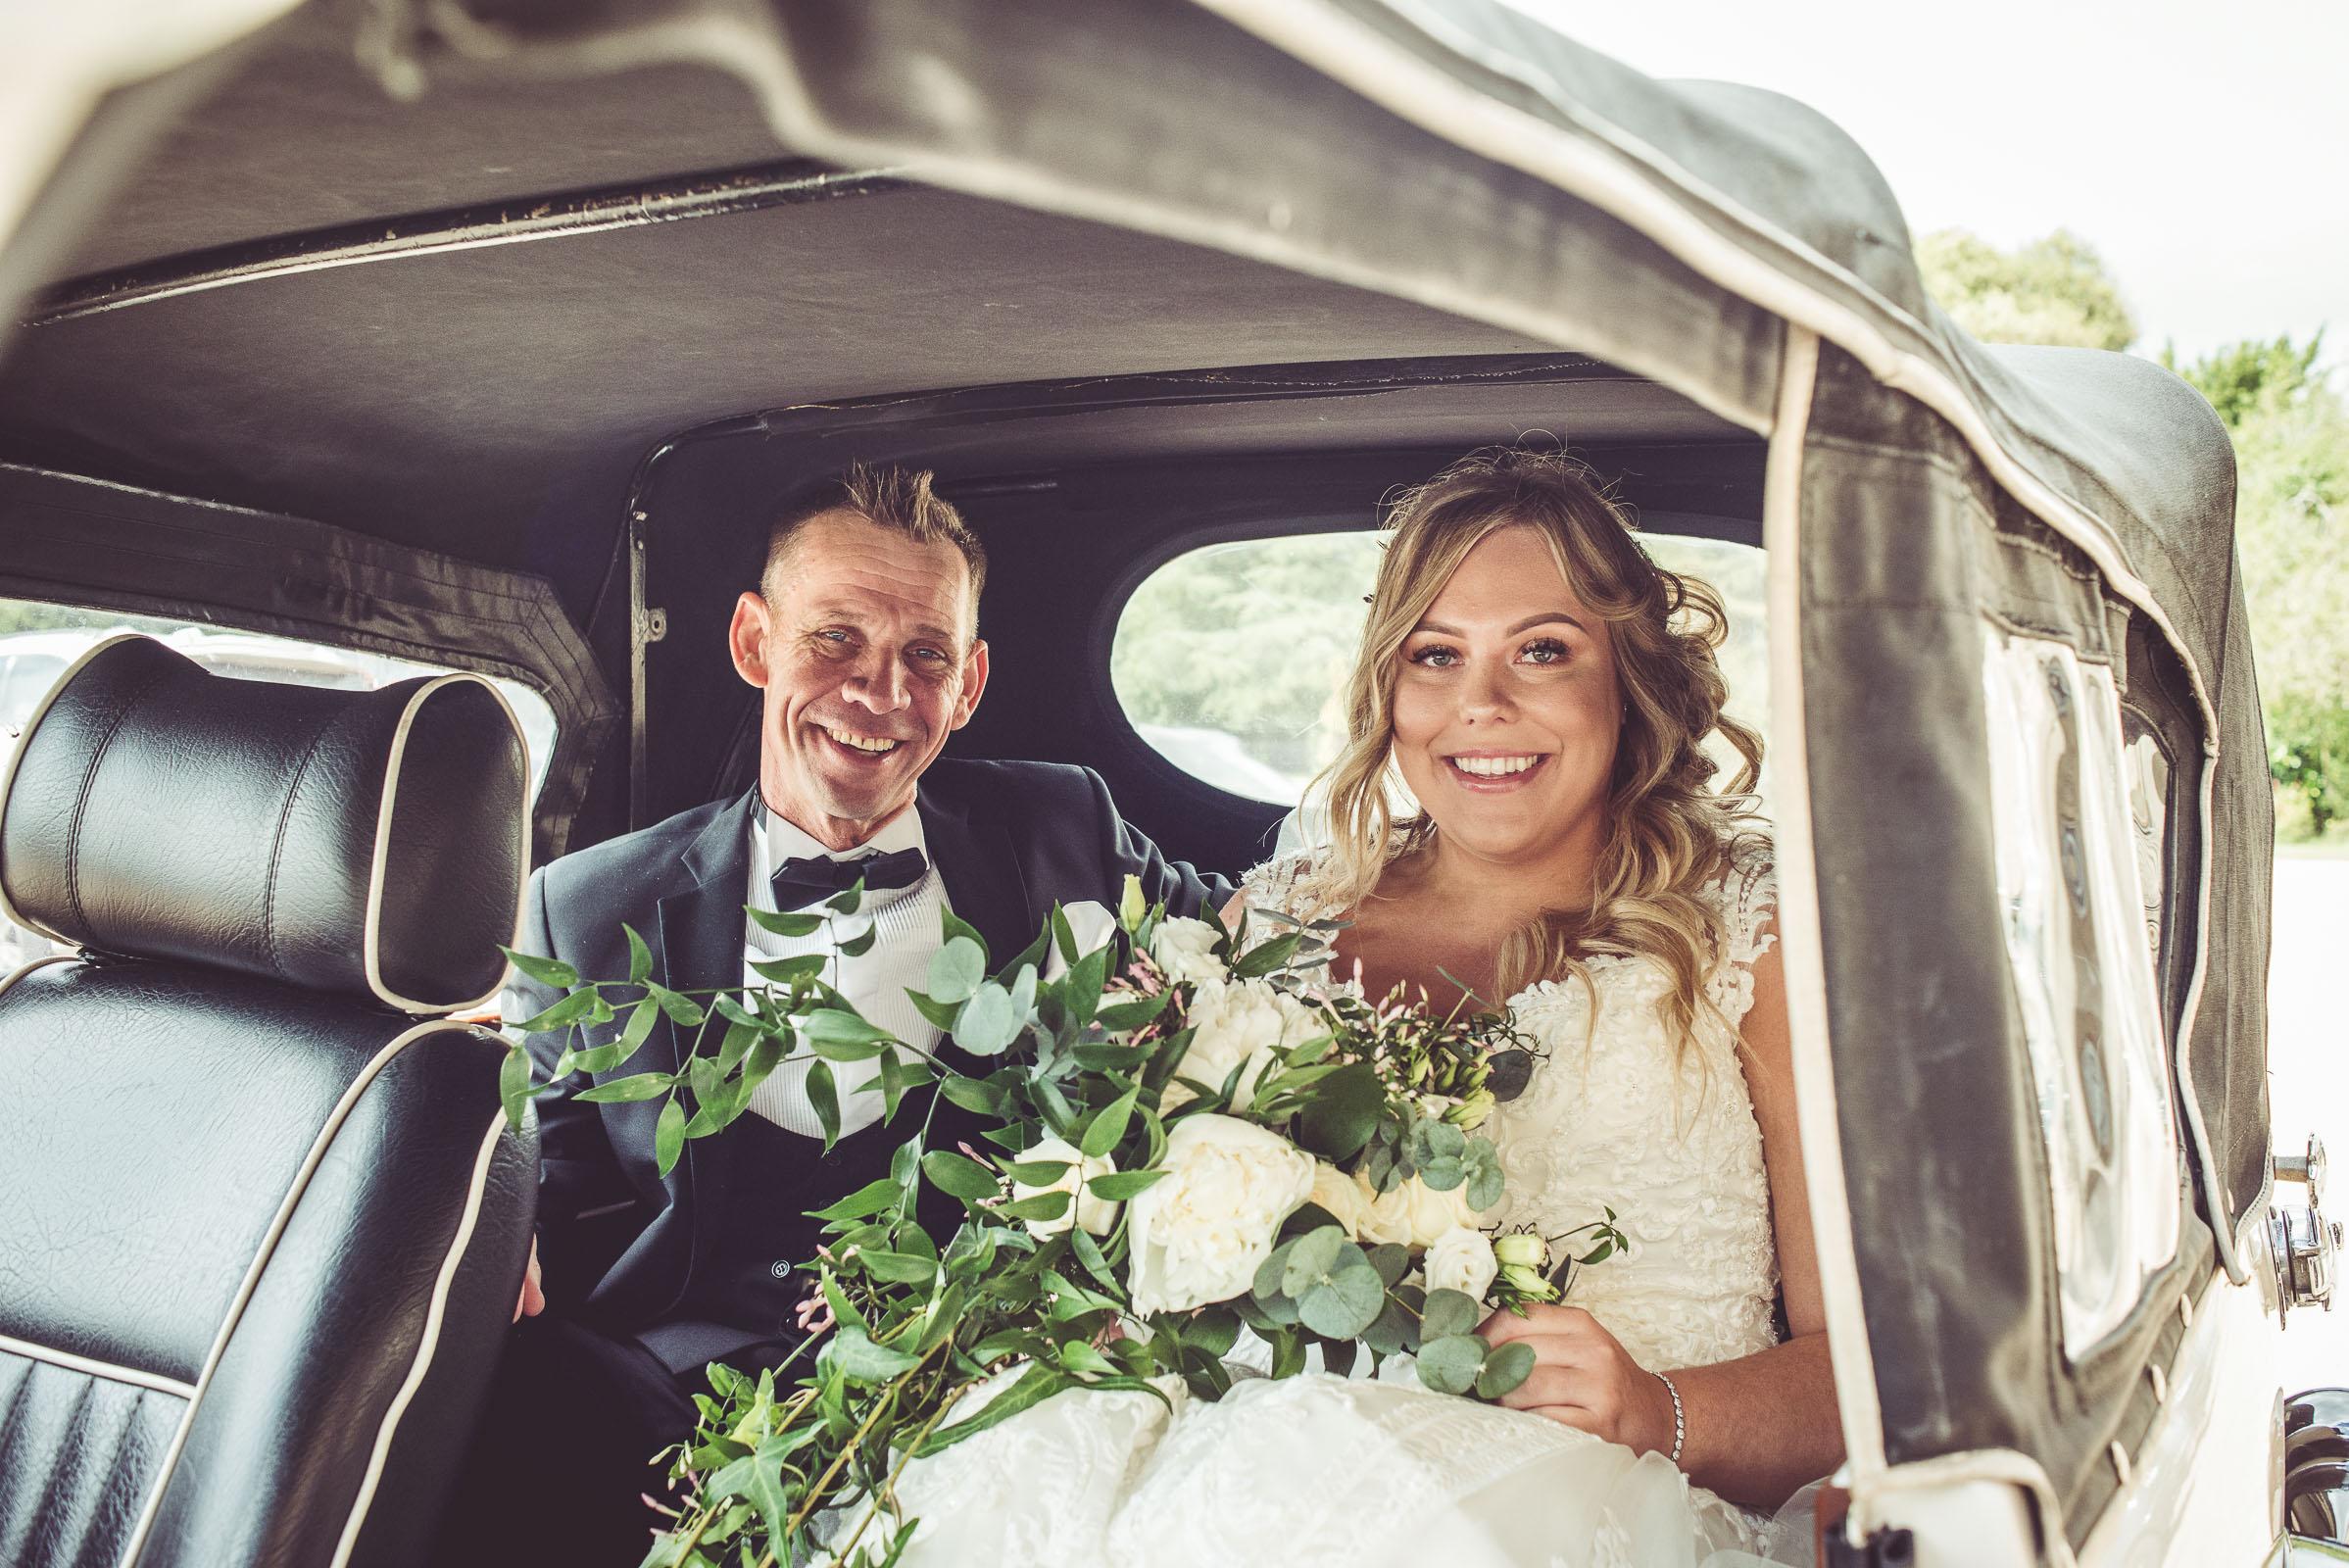 Lutonhoo-wedding-Bedfordshire-Datchworth-Tewinburyfarm-30.jpg